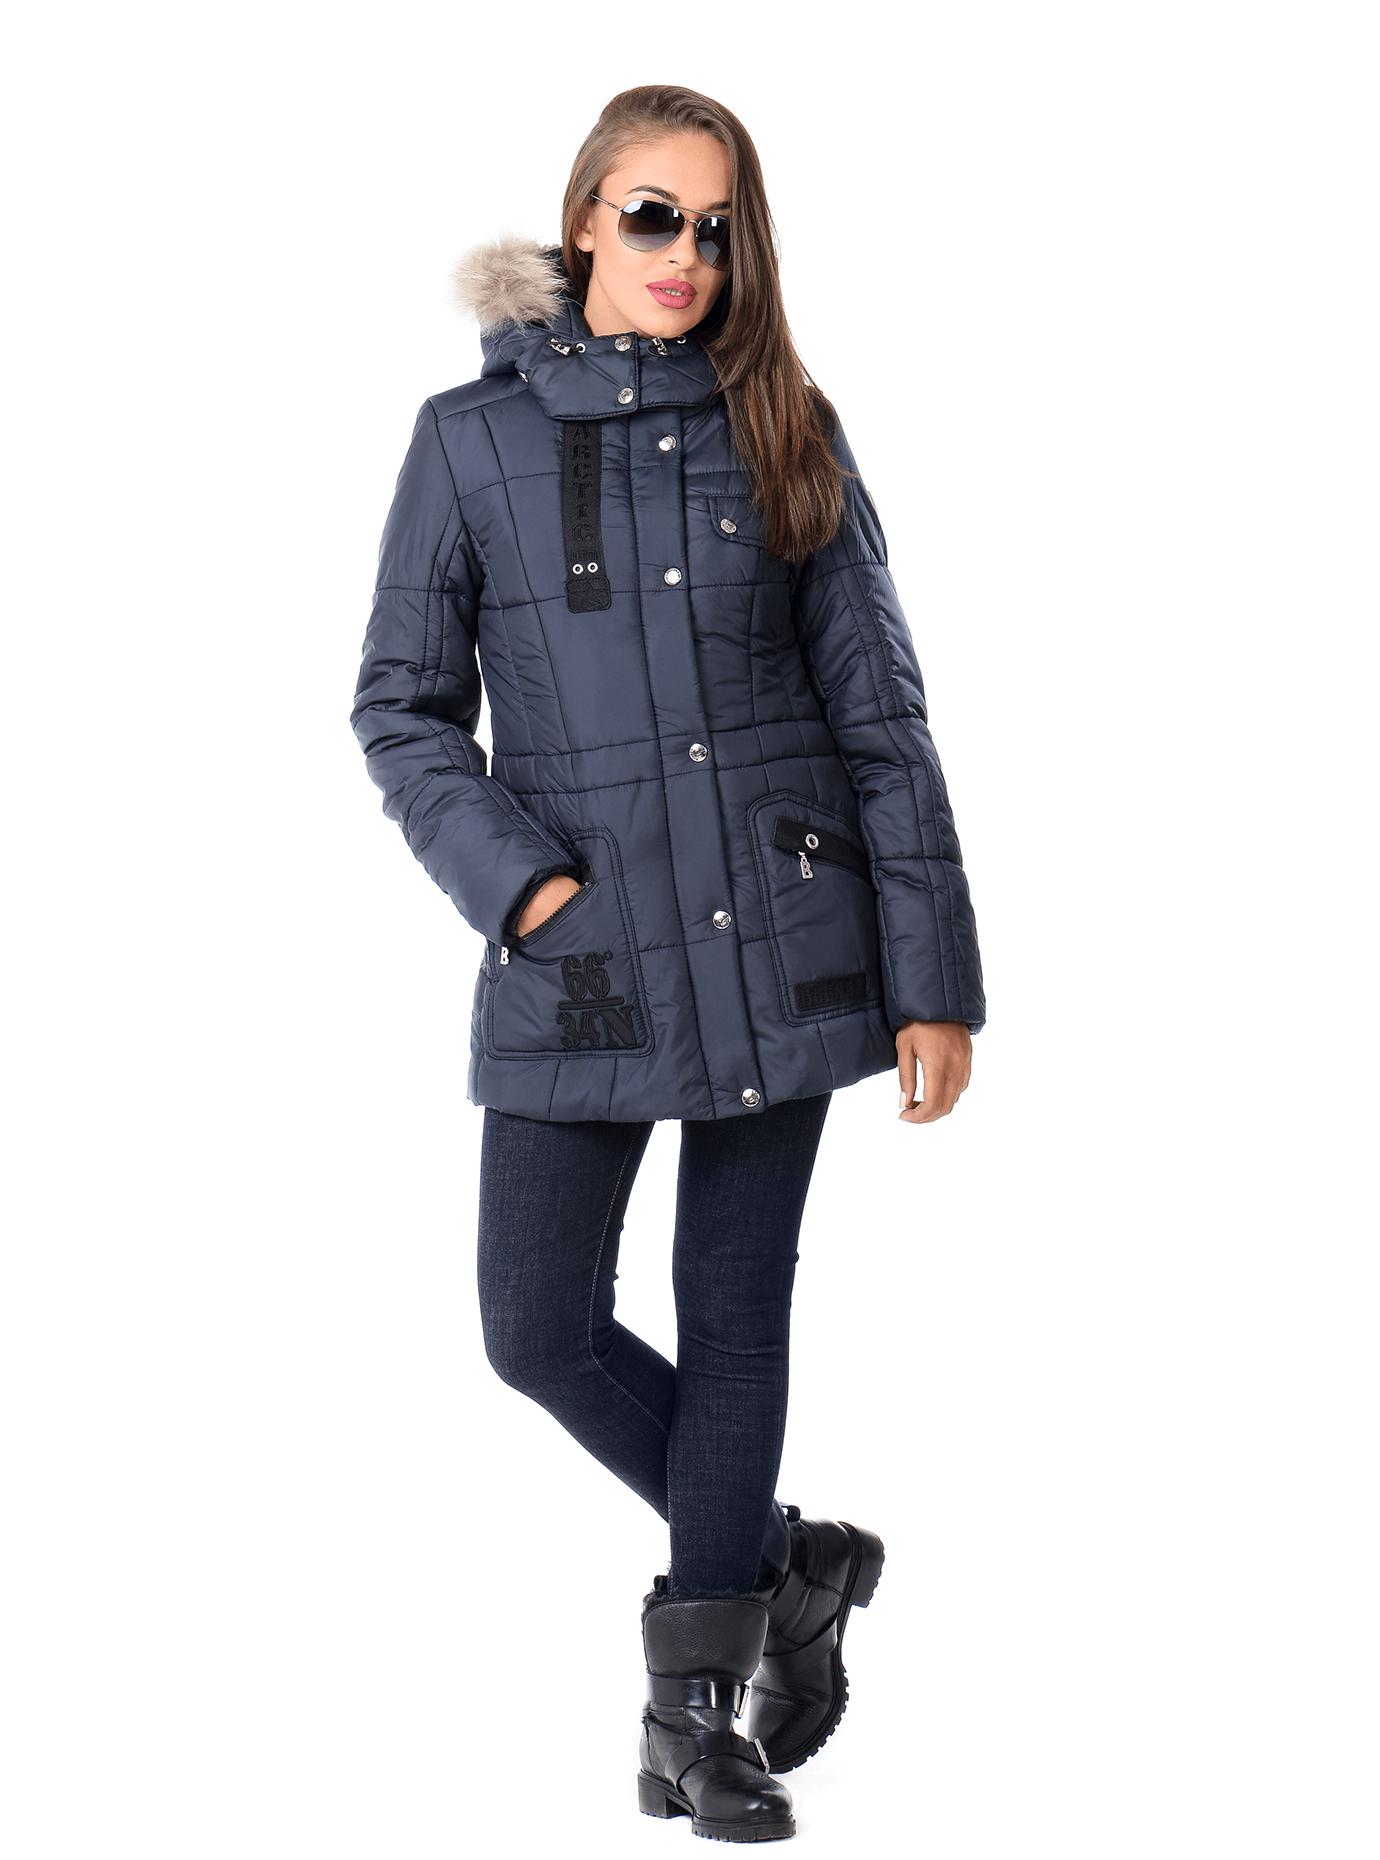 Куртка женская зимняя стильная Синий S (05-ZZ19131): фото - Alster.ua